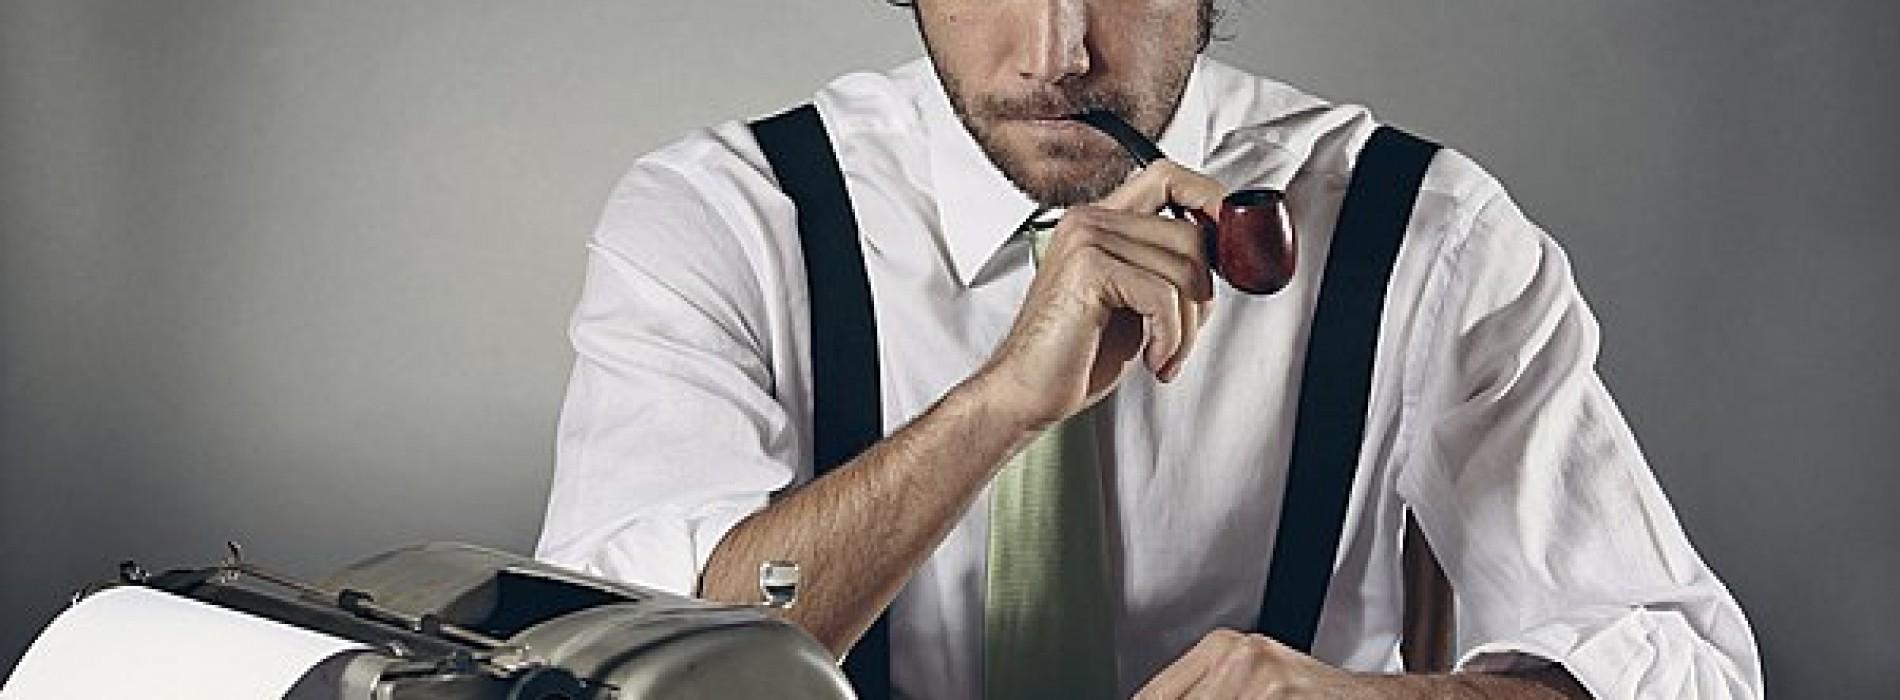 Czy notariusze mogą korzystać z usługi pozycjonowania?